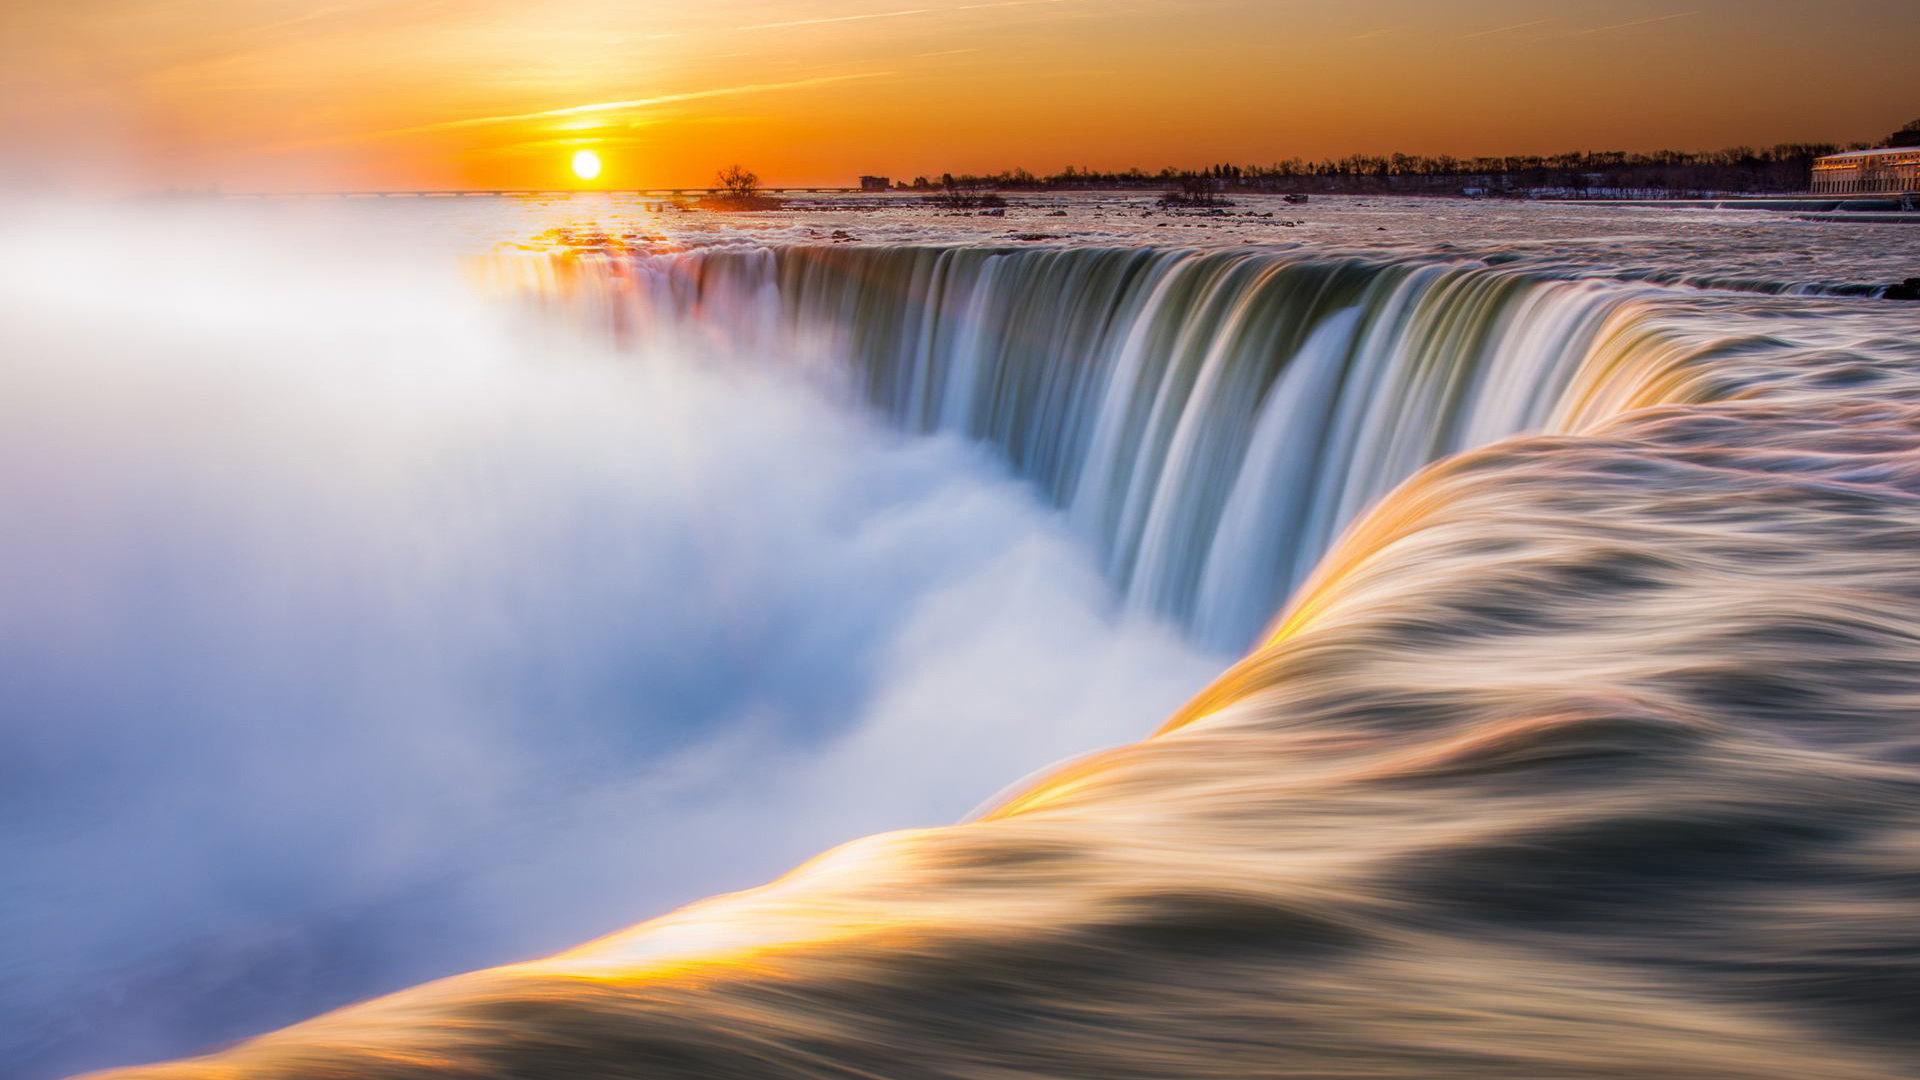 Hình ảnh thác nước đẹp lung linh